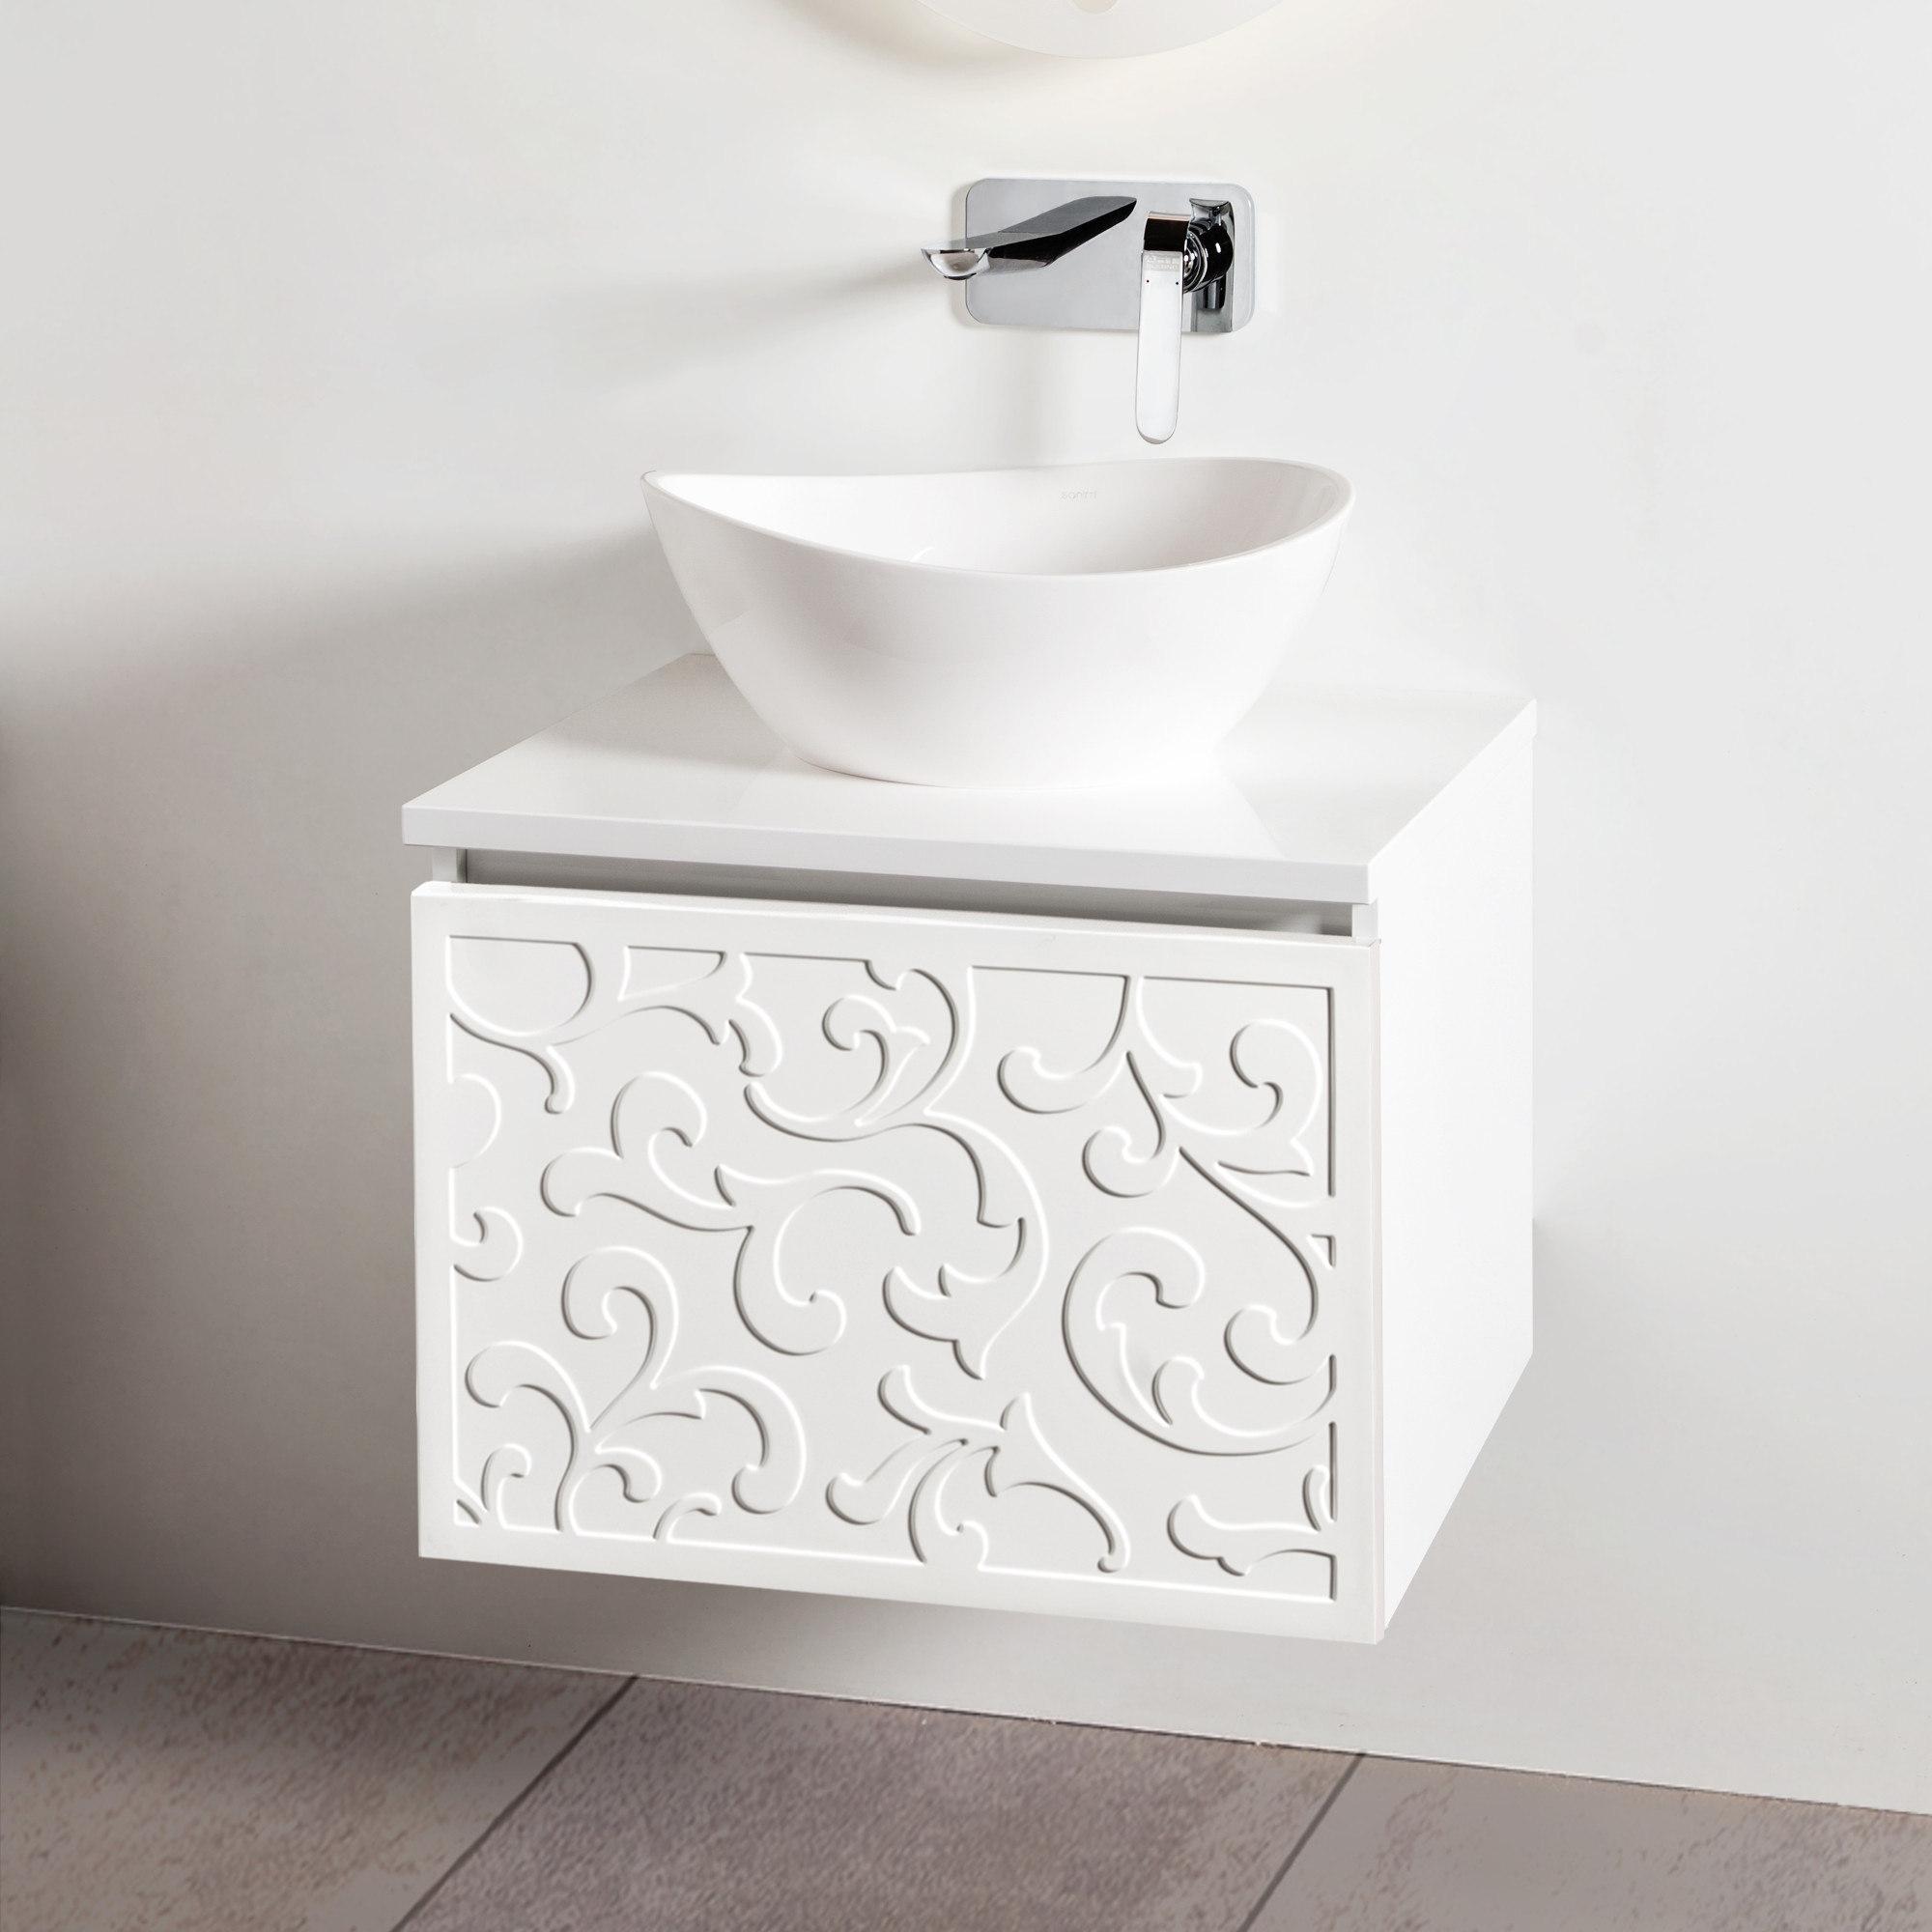 Szafka łazienkowa Sanitti Floro 60 cm z blatem i umywalką TRE